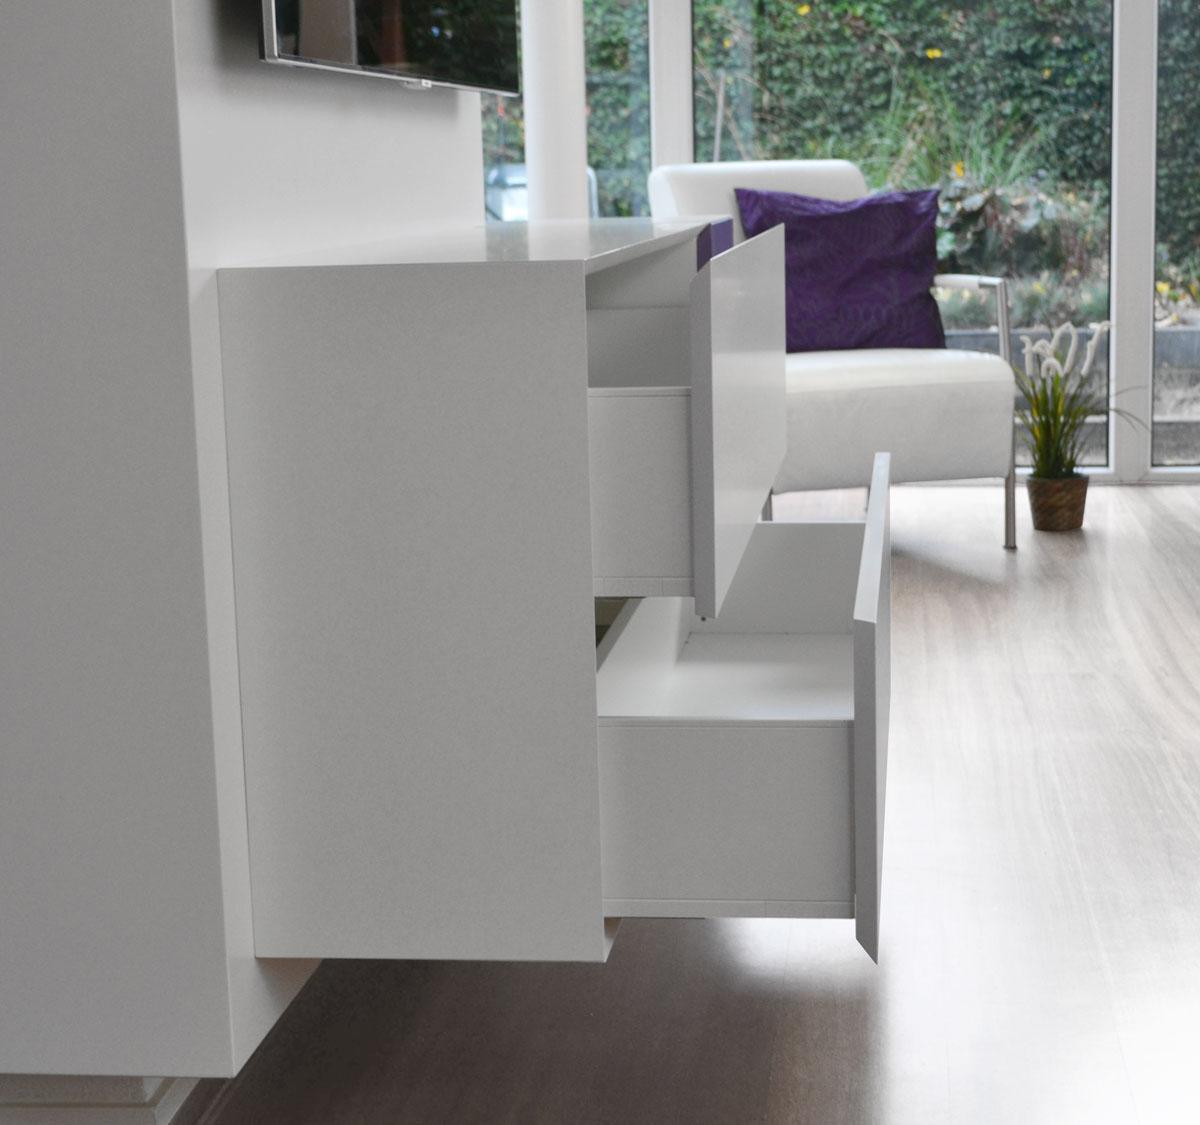 Afbeelding van uitgeschoven Blum Legrabox lades in een design TV meubel.